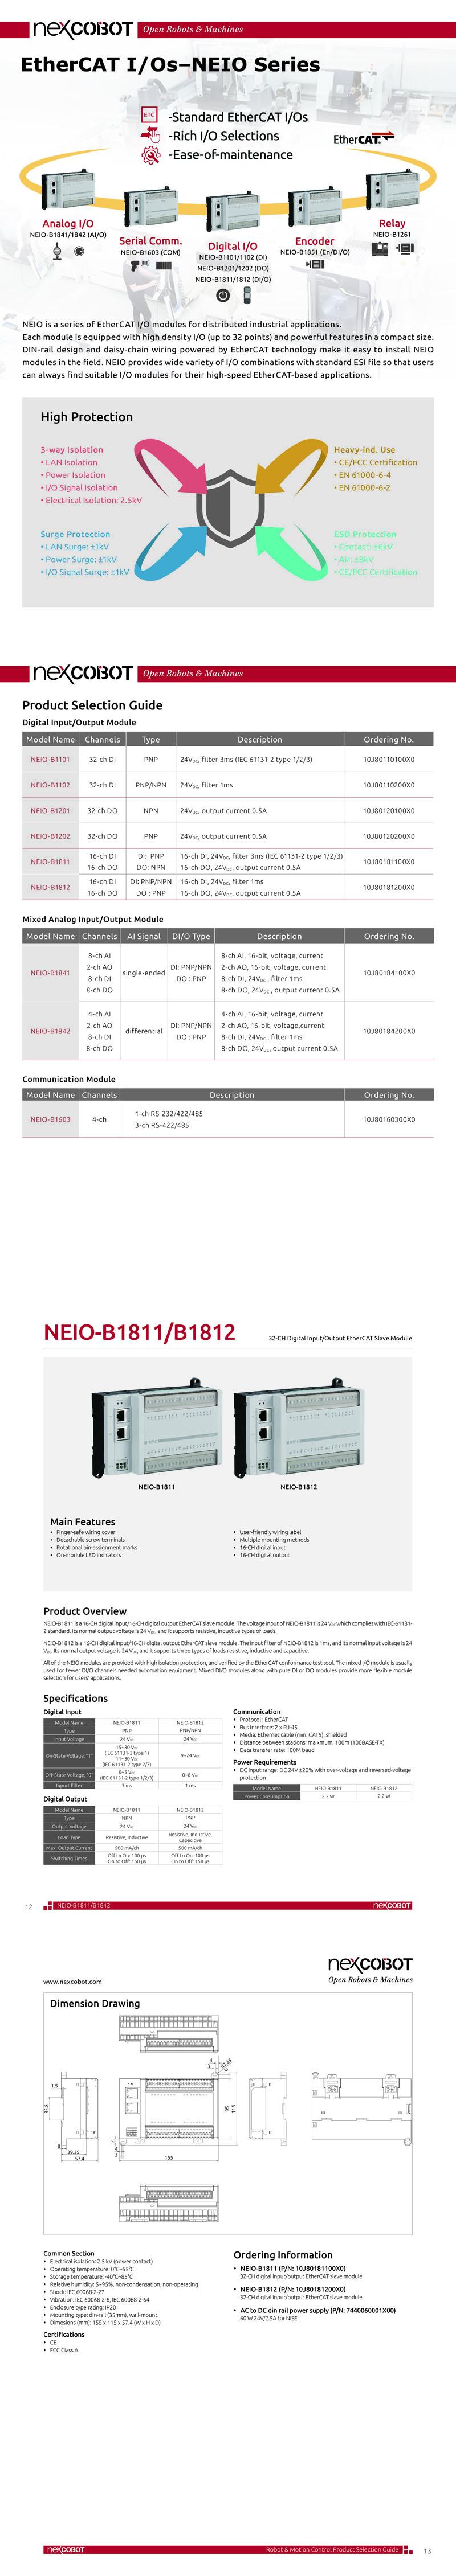 NEIO-B1811_L 2.jpg